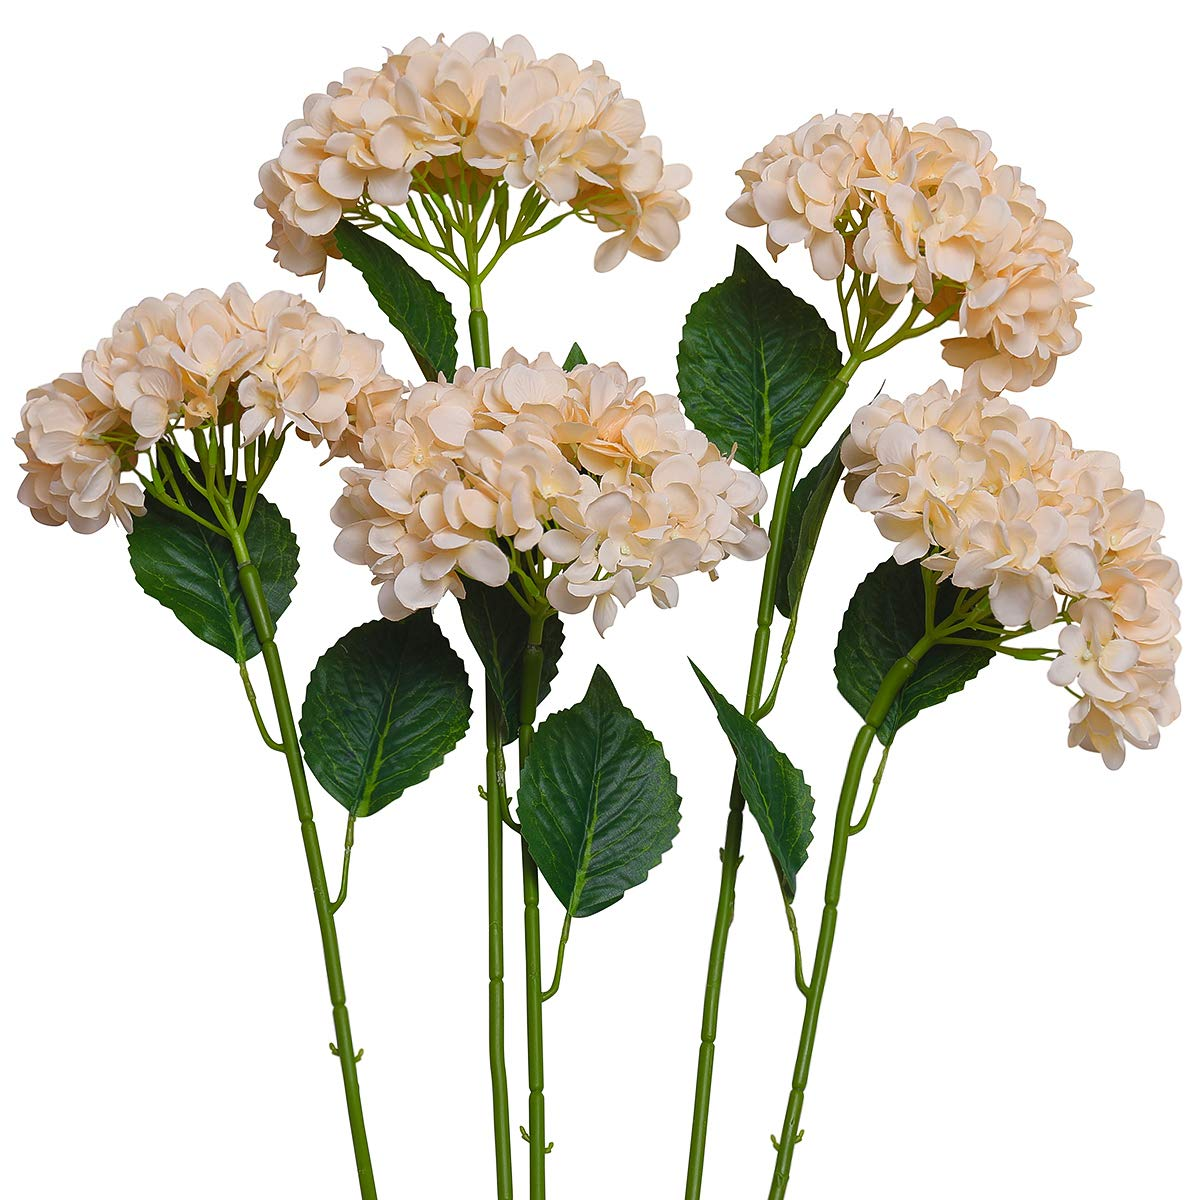 Amazon Party Joy 5pcs Artificial Hydrangea Silk Flowers Bouquet